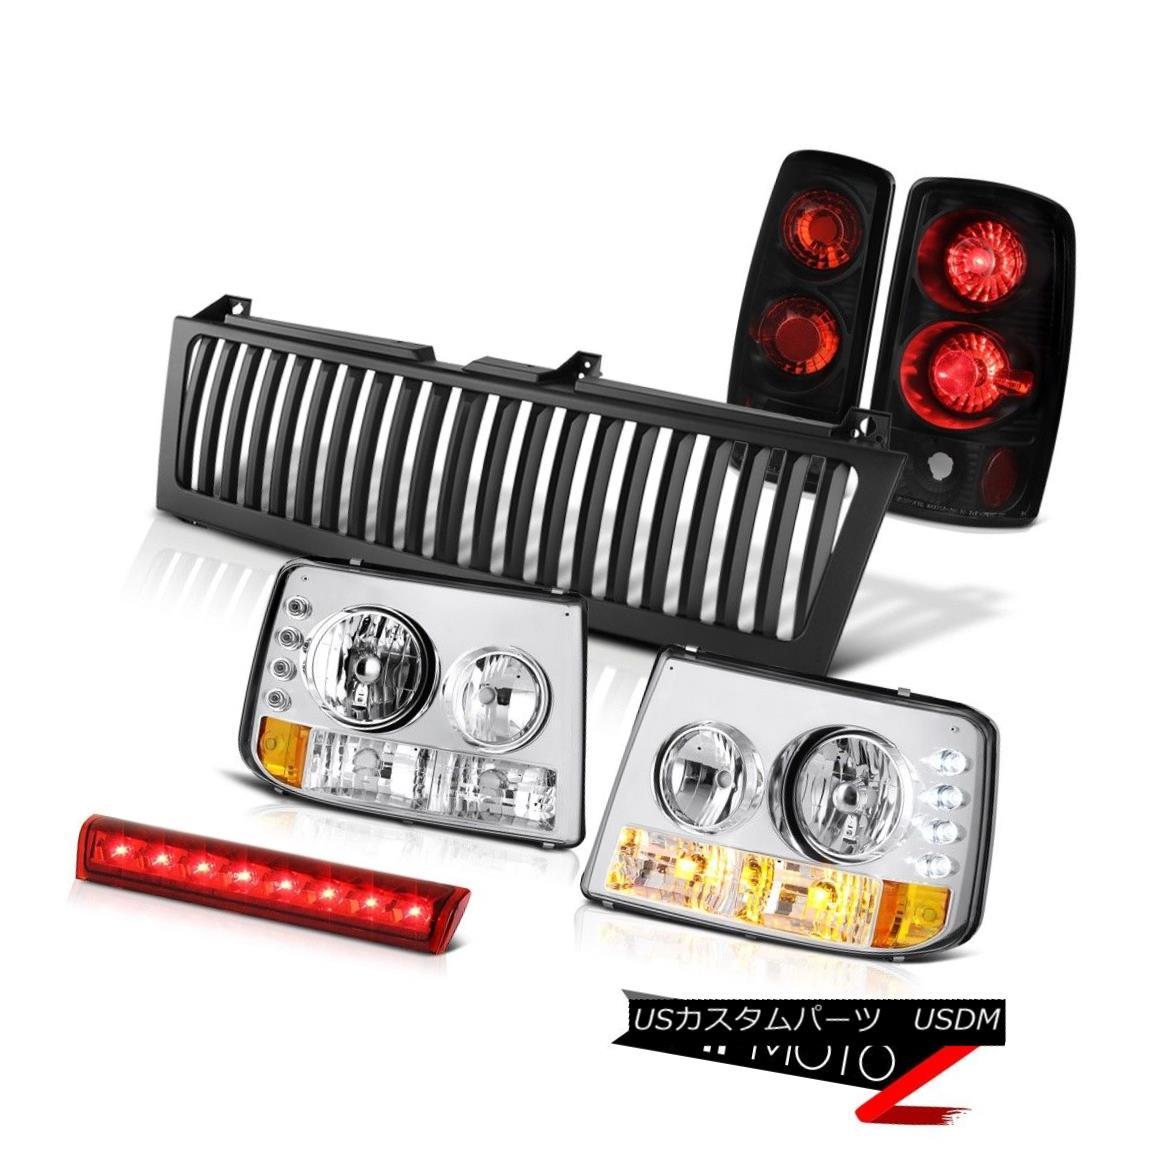 テールライト Signal Headlamps Rear Brake Tail Lights Cargo LED Grille 2000-2006 Suburban 2500 信号ヘッドランプリアブレーキテールライトカーゴLEDグリル2000-2006郊外2500